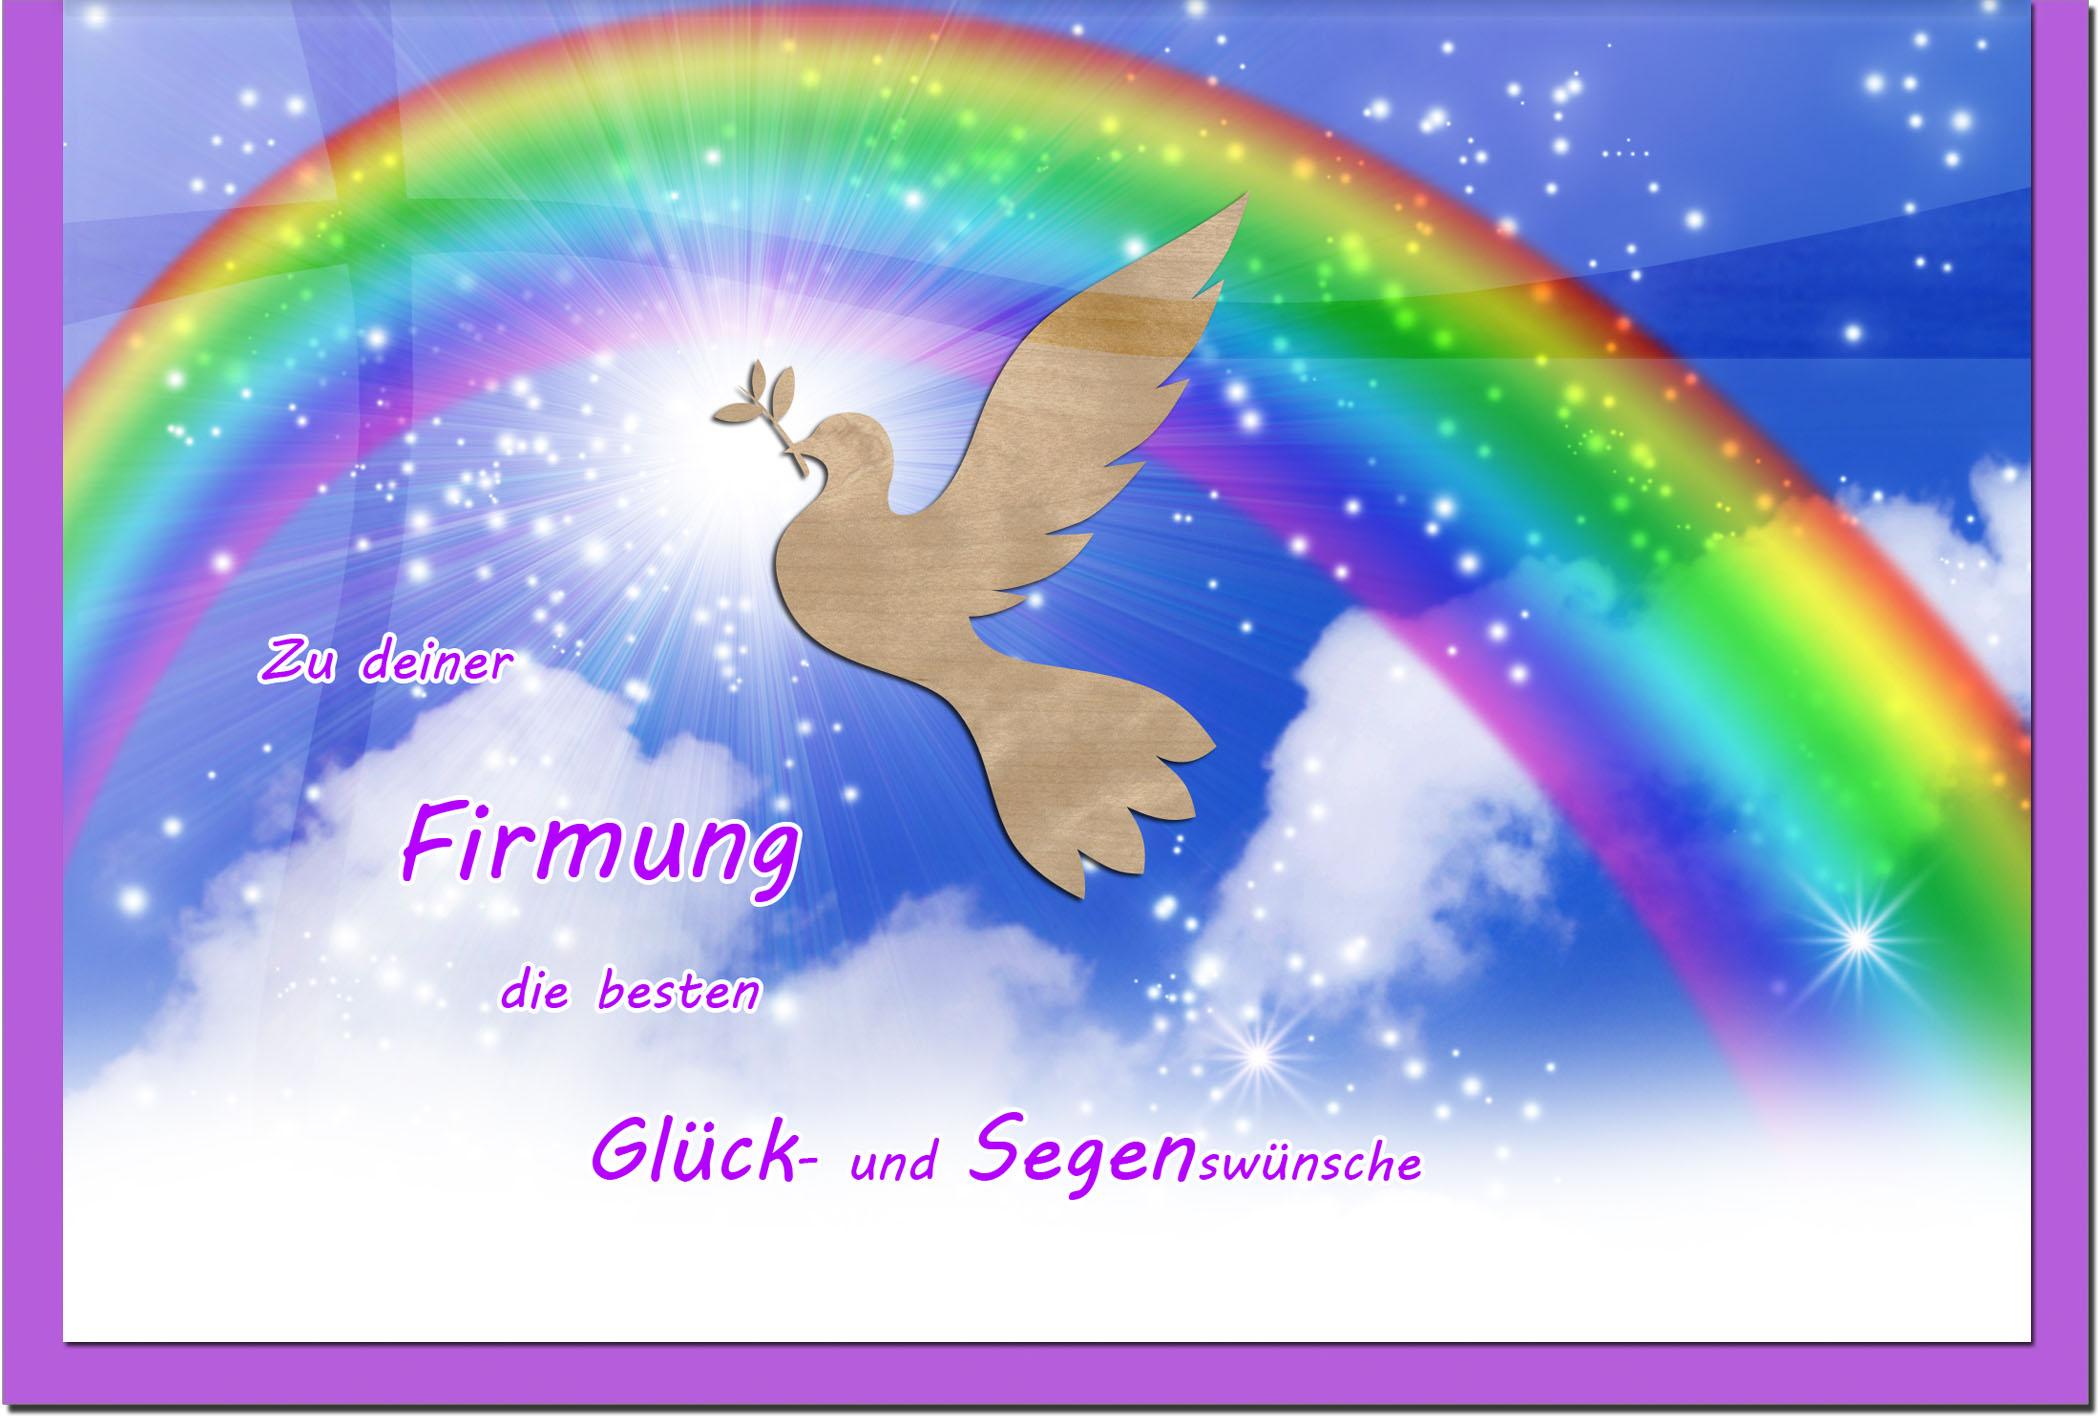 Firmungskarten / Grußkarten / Glückwunschkarten /Firmung Regenbogen